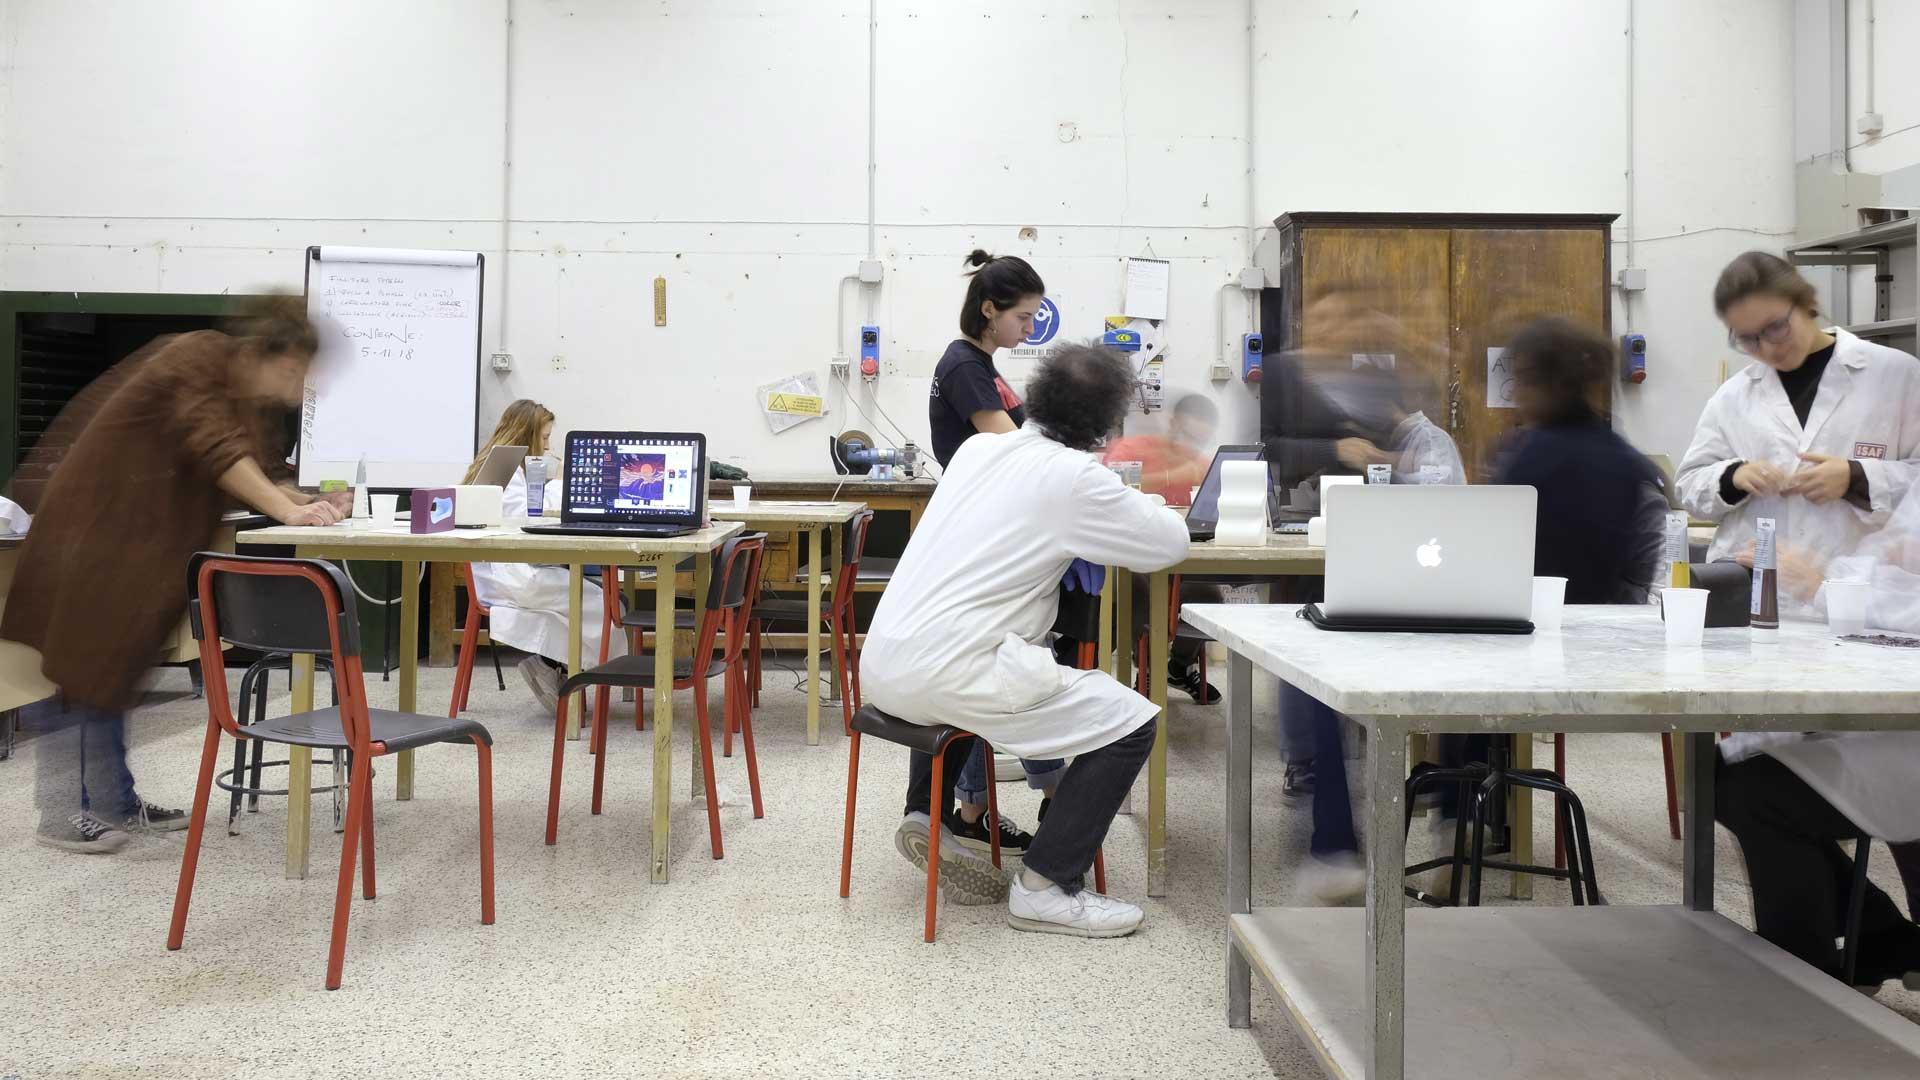 ISIA - Istituto Superiore per le Industrie Artistiche